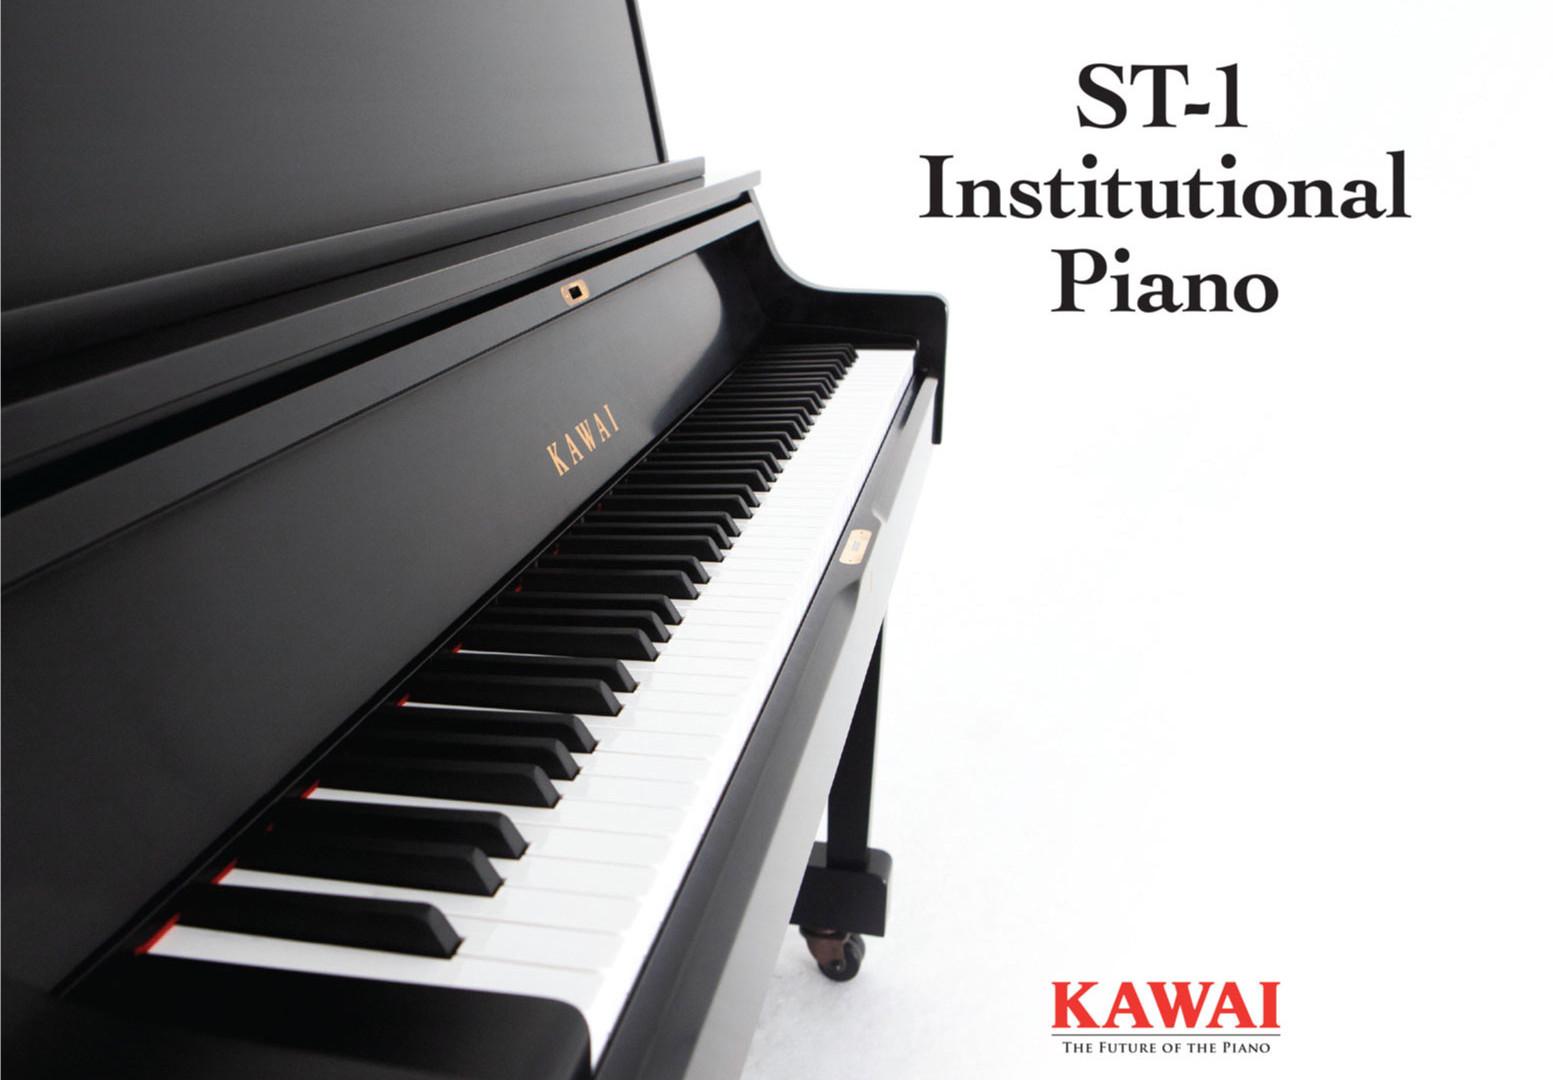 New-Kawai-ST-1-Brochure-1.jpg